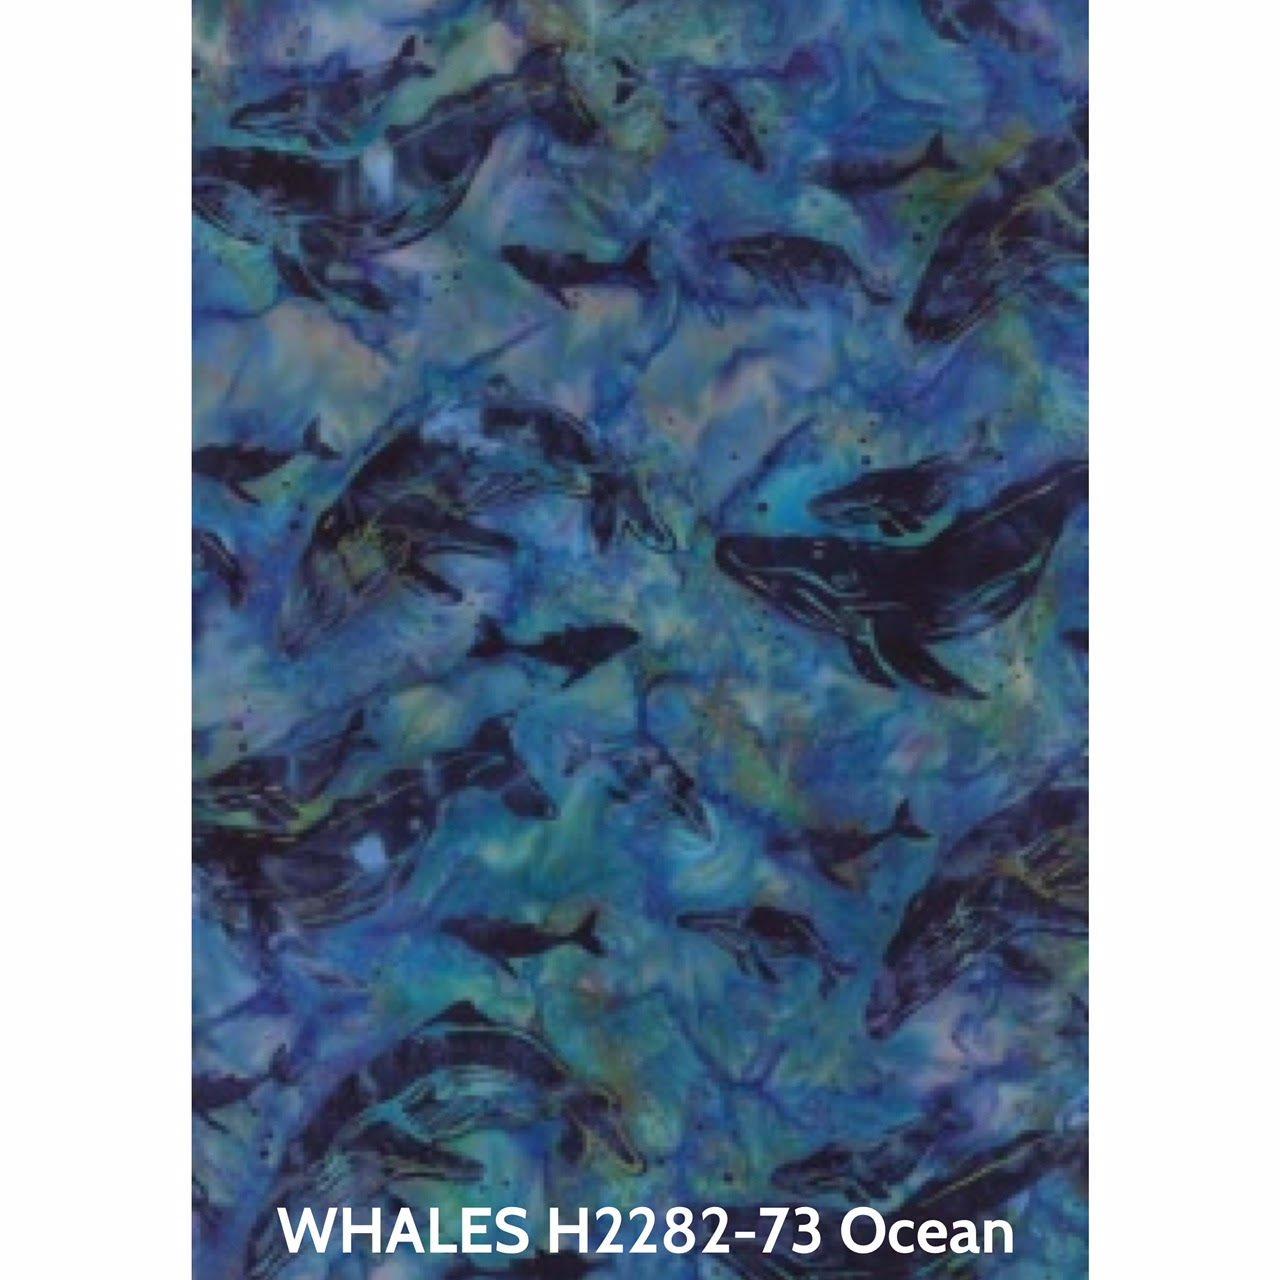 Batik - Humpback Whales Ocean